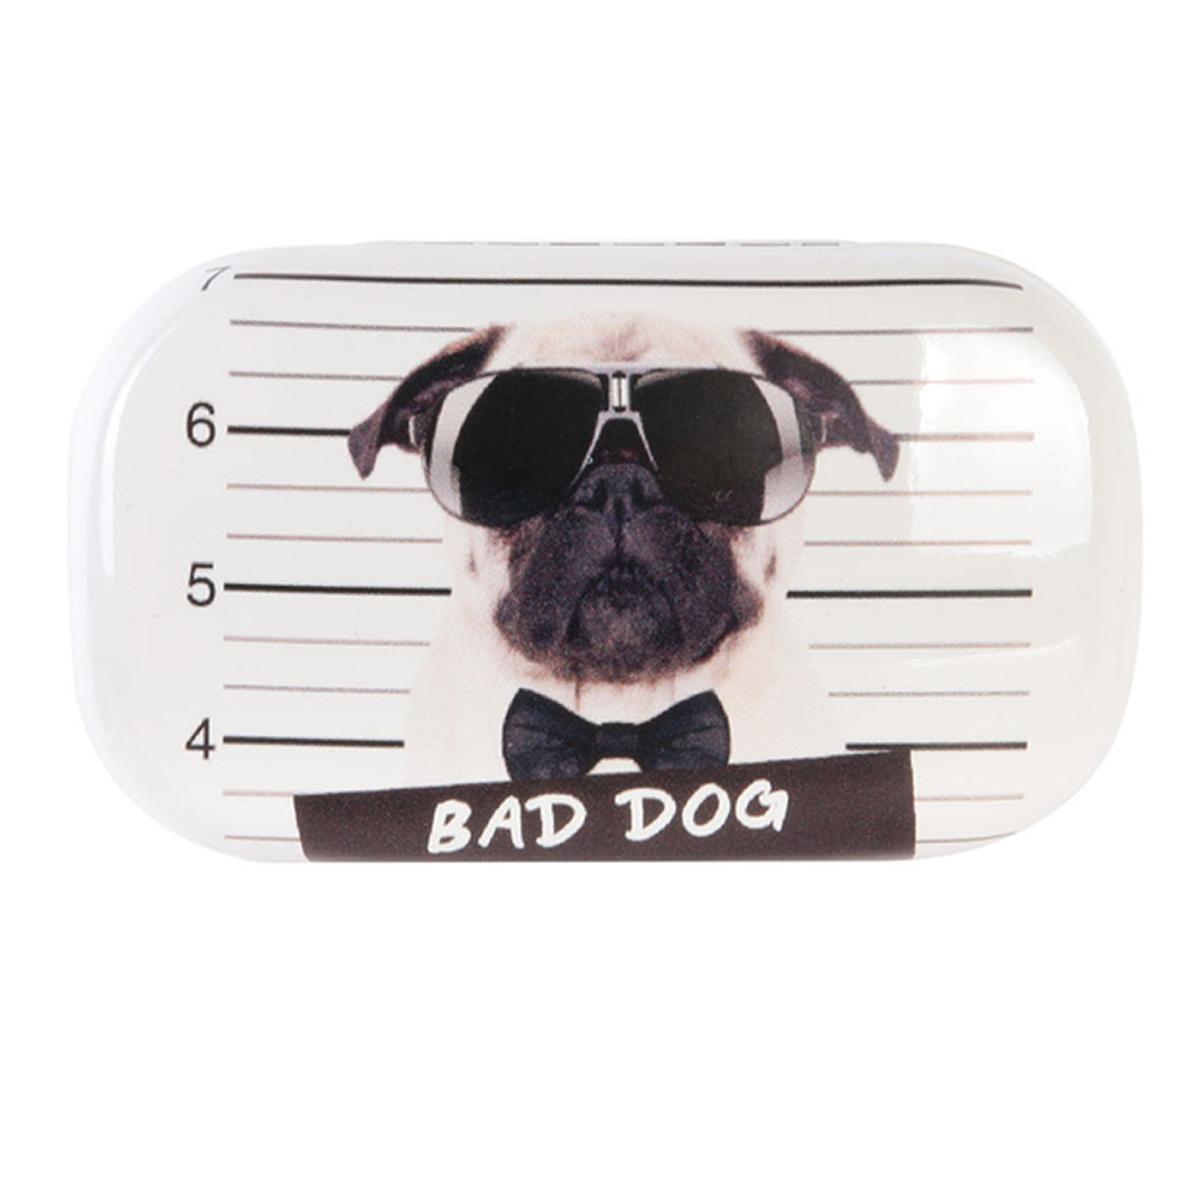 Etui à lentilles de contact \'Bad Dog\' noir blanc - 80x45x30 mm - [A1772]